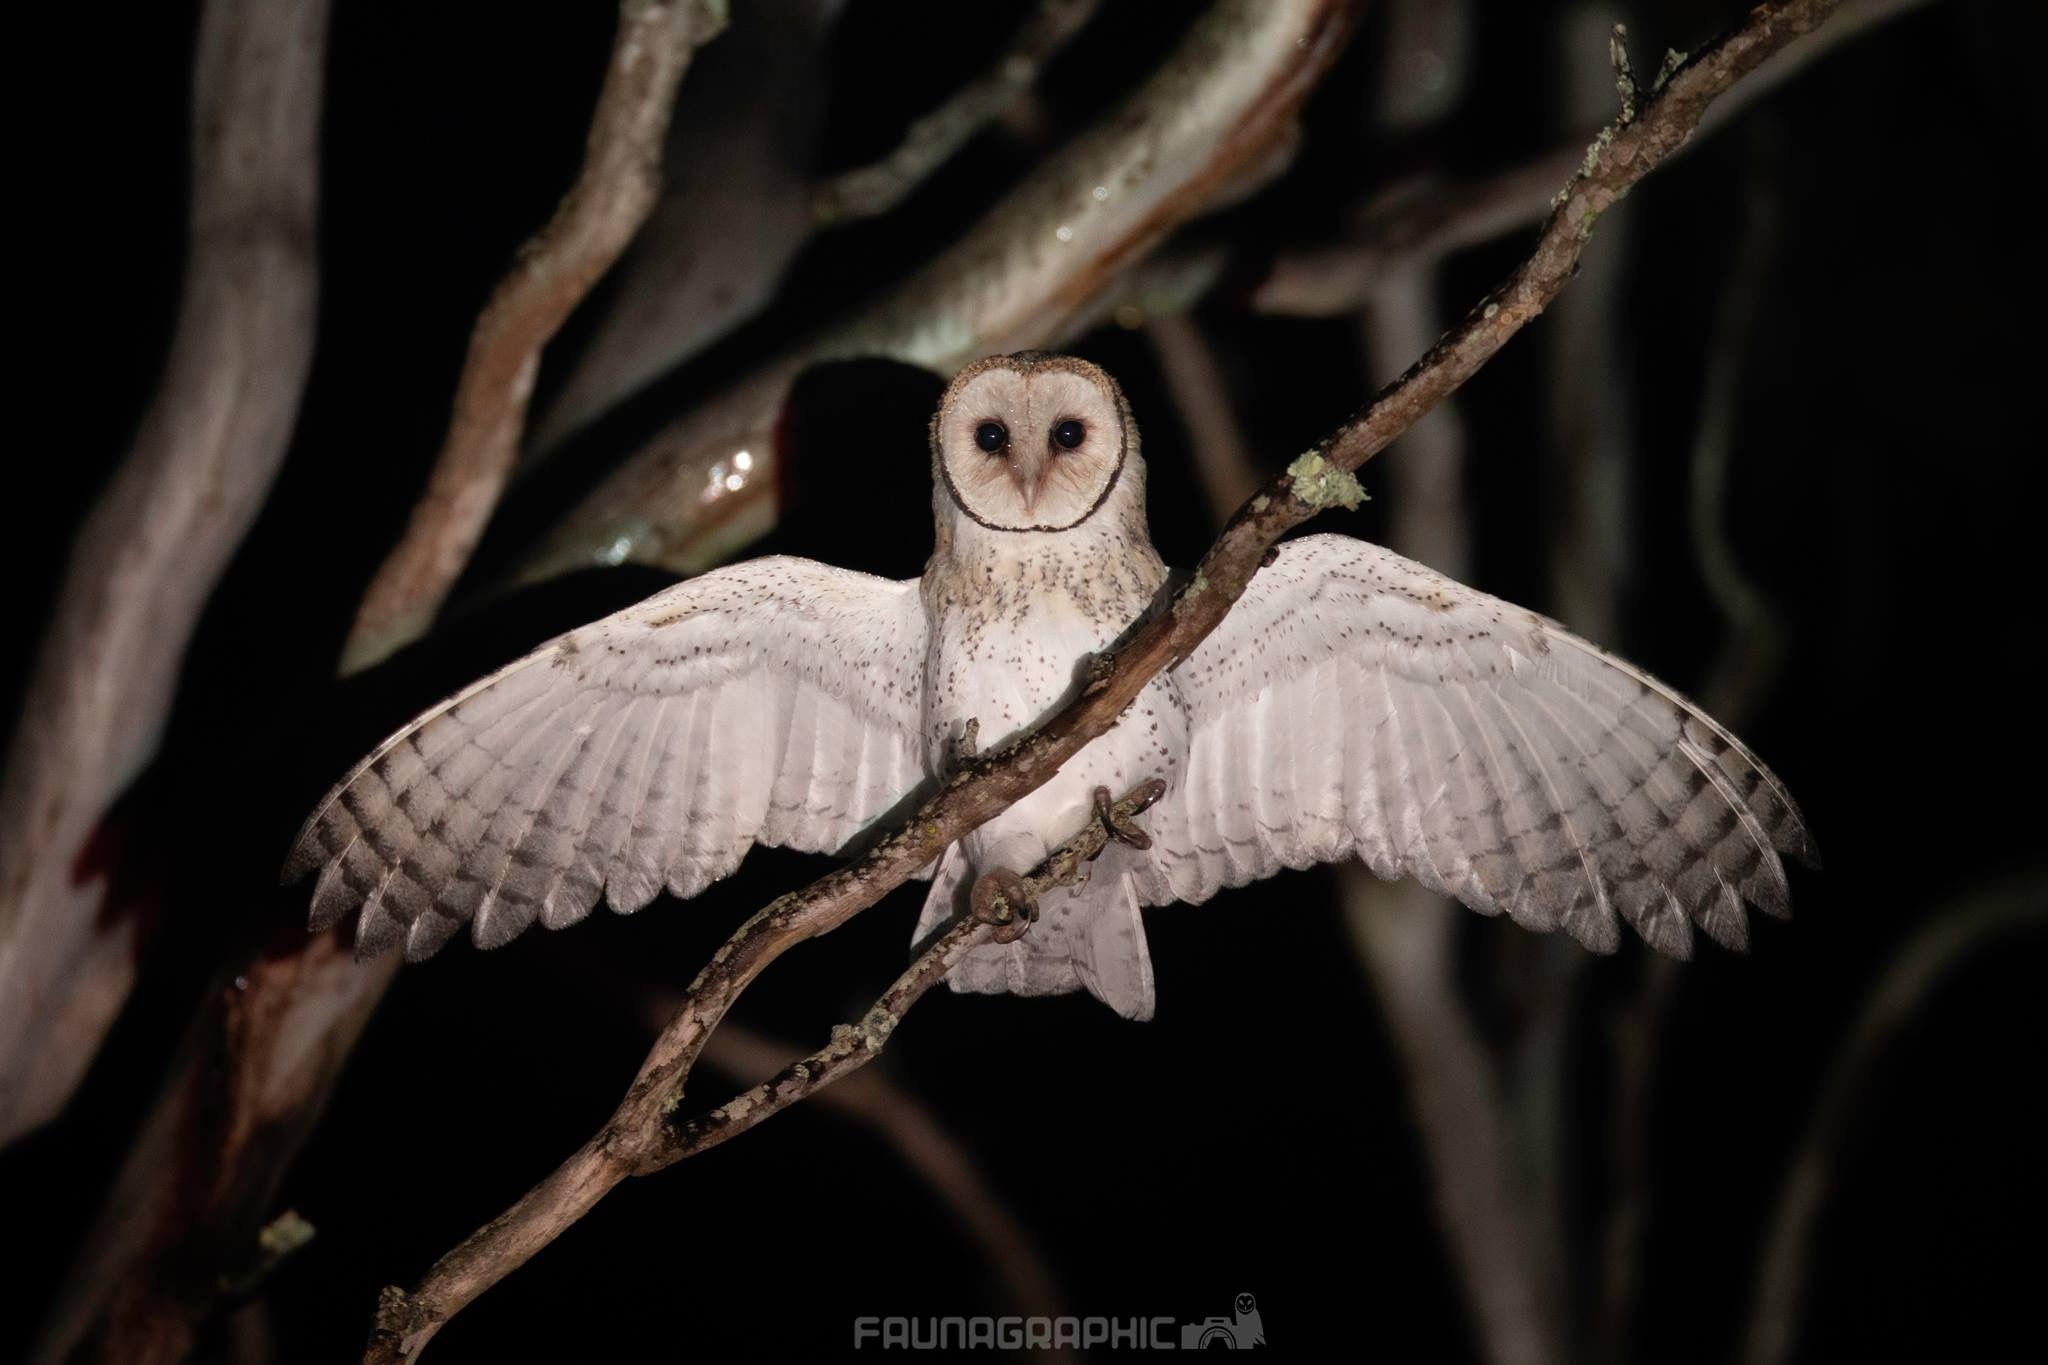 Australian Masked Owl | Australian birds, Owl, Animals